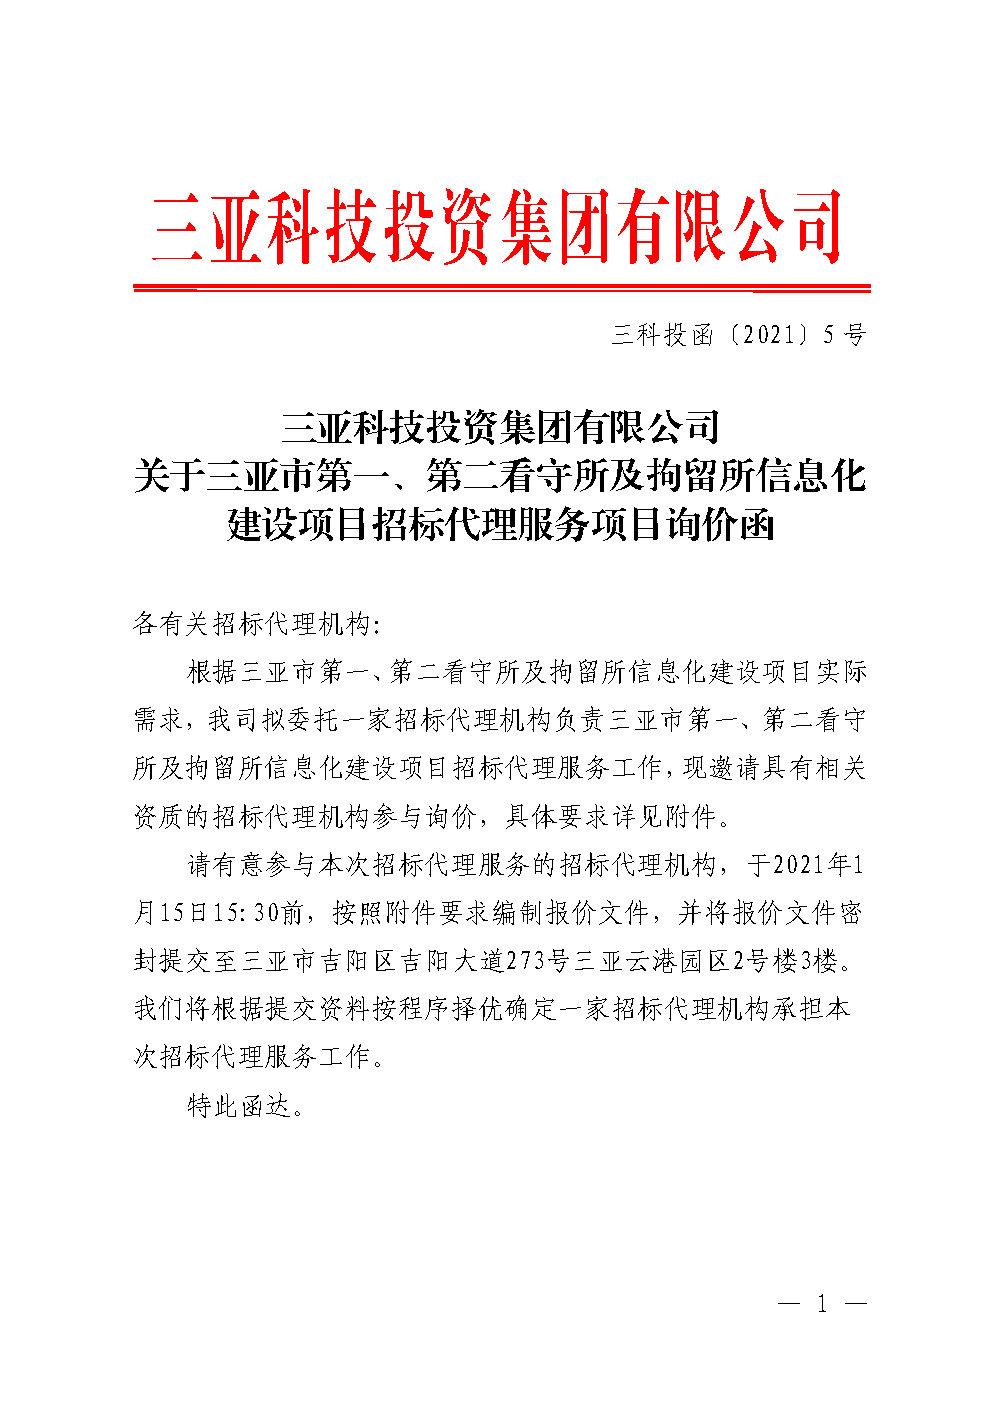 關于三亞市第一、第二看守所及拘留所信息化建設項目招標代理服務項目詢價函_Page1.jpg